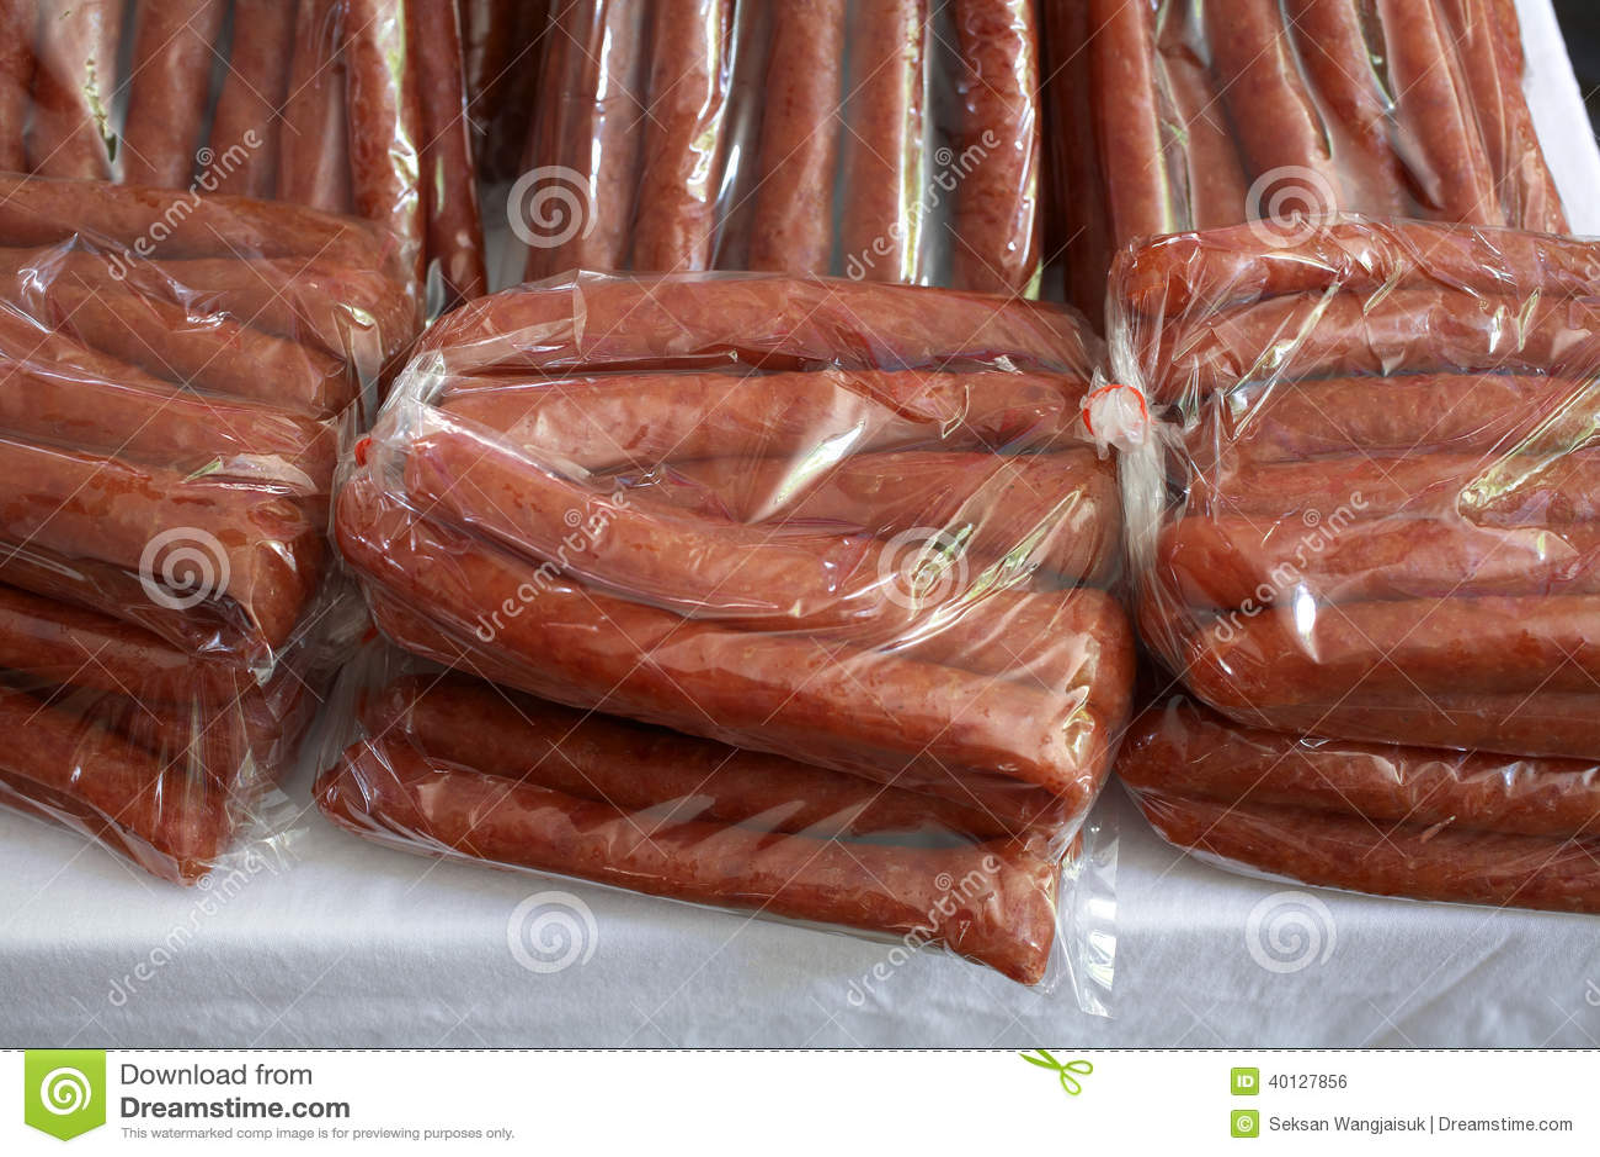 许多朱最好的猪肉香肠宁波红色哪个牌子年糕图片